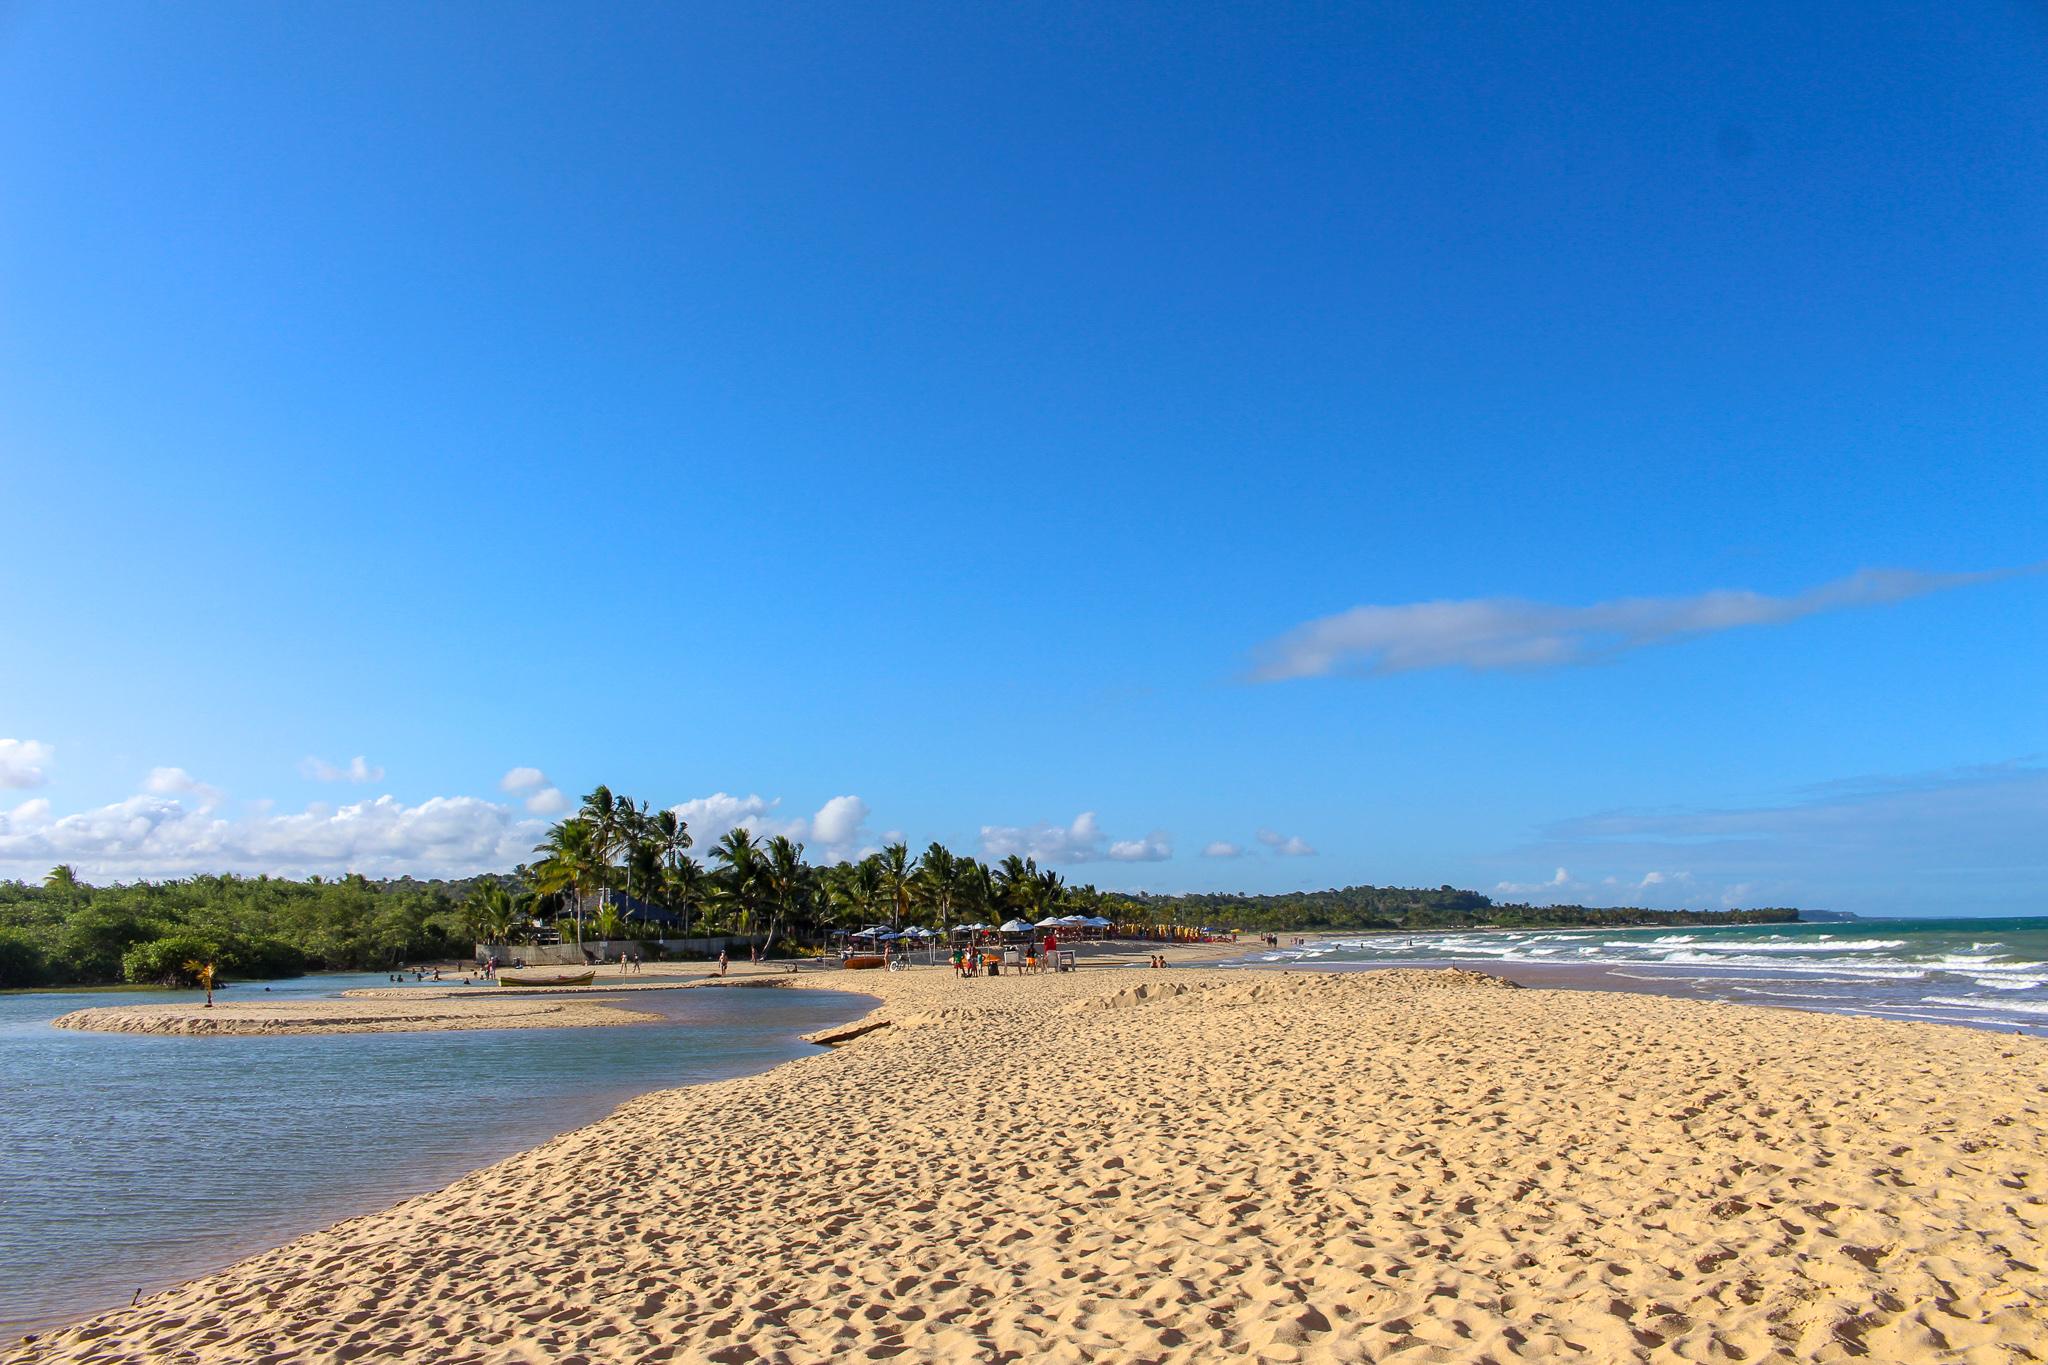 praia_dos_nativos_rio_trancoso